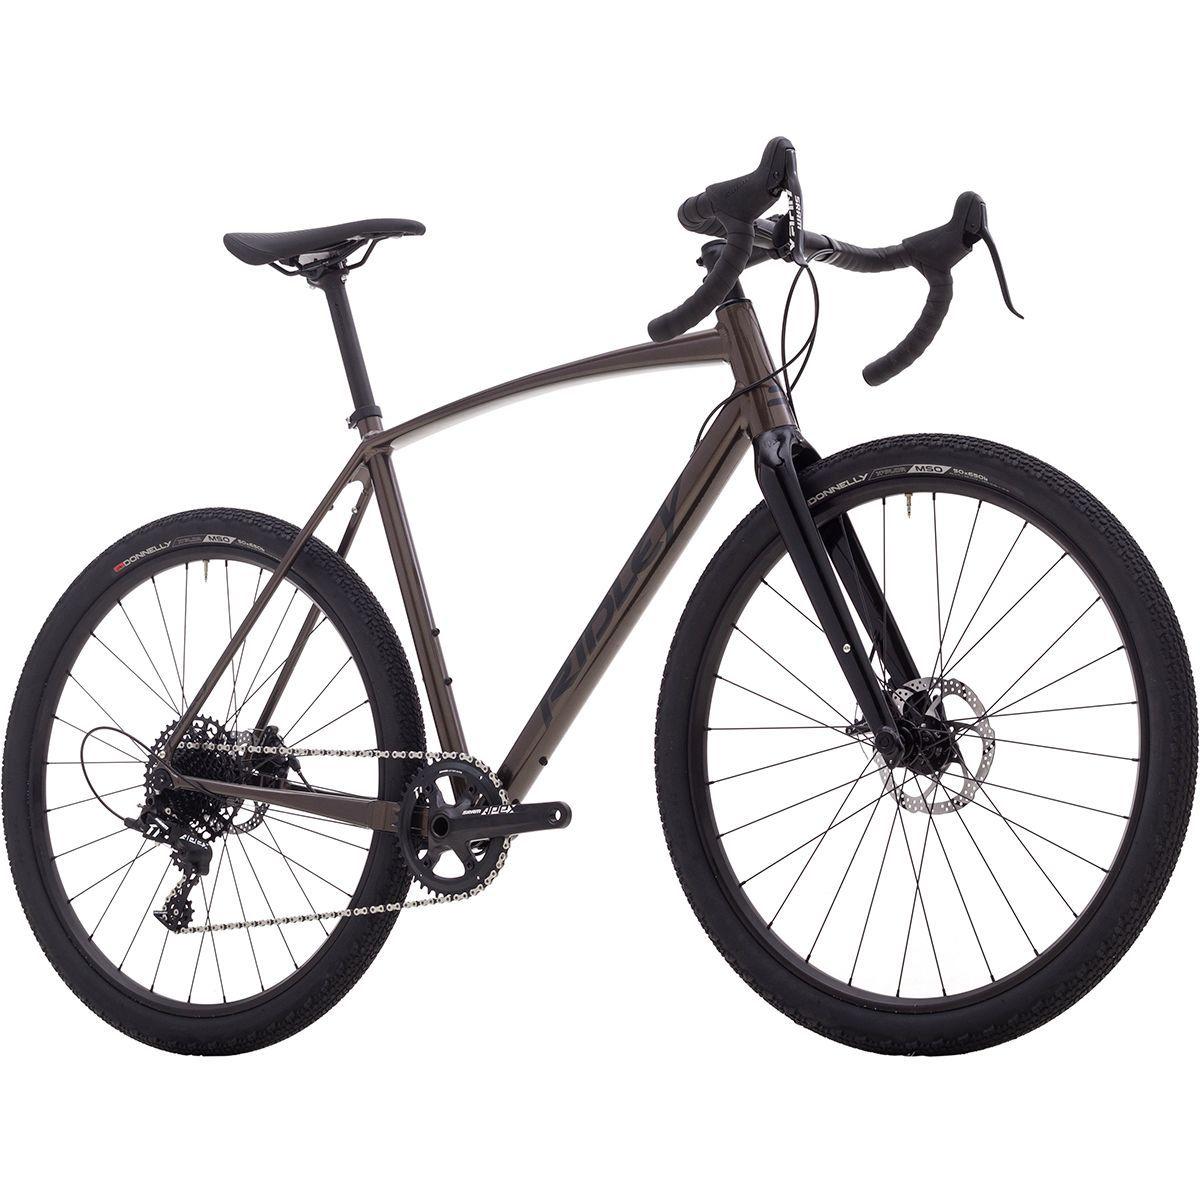 Ridley X Trail Apex 1 650b Complete Bike Bike Touring Bike